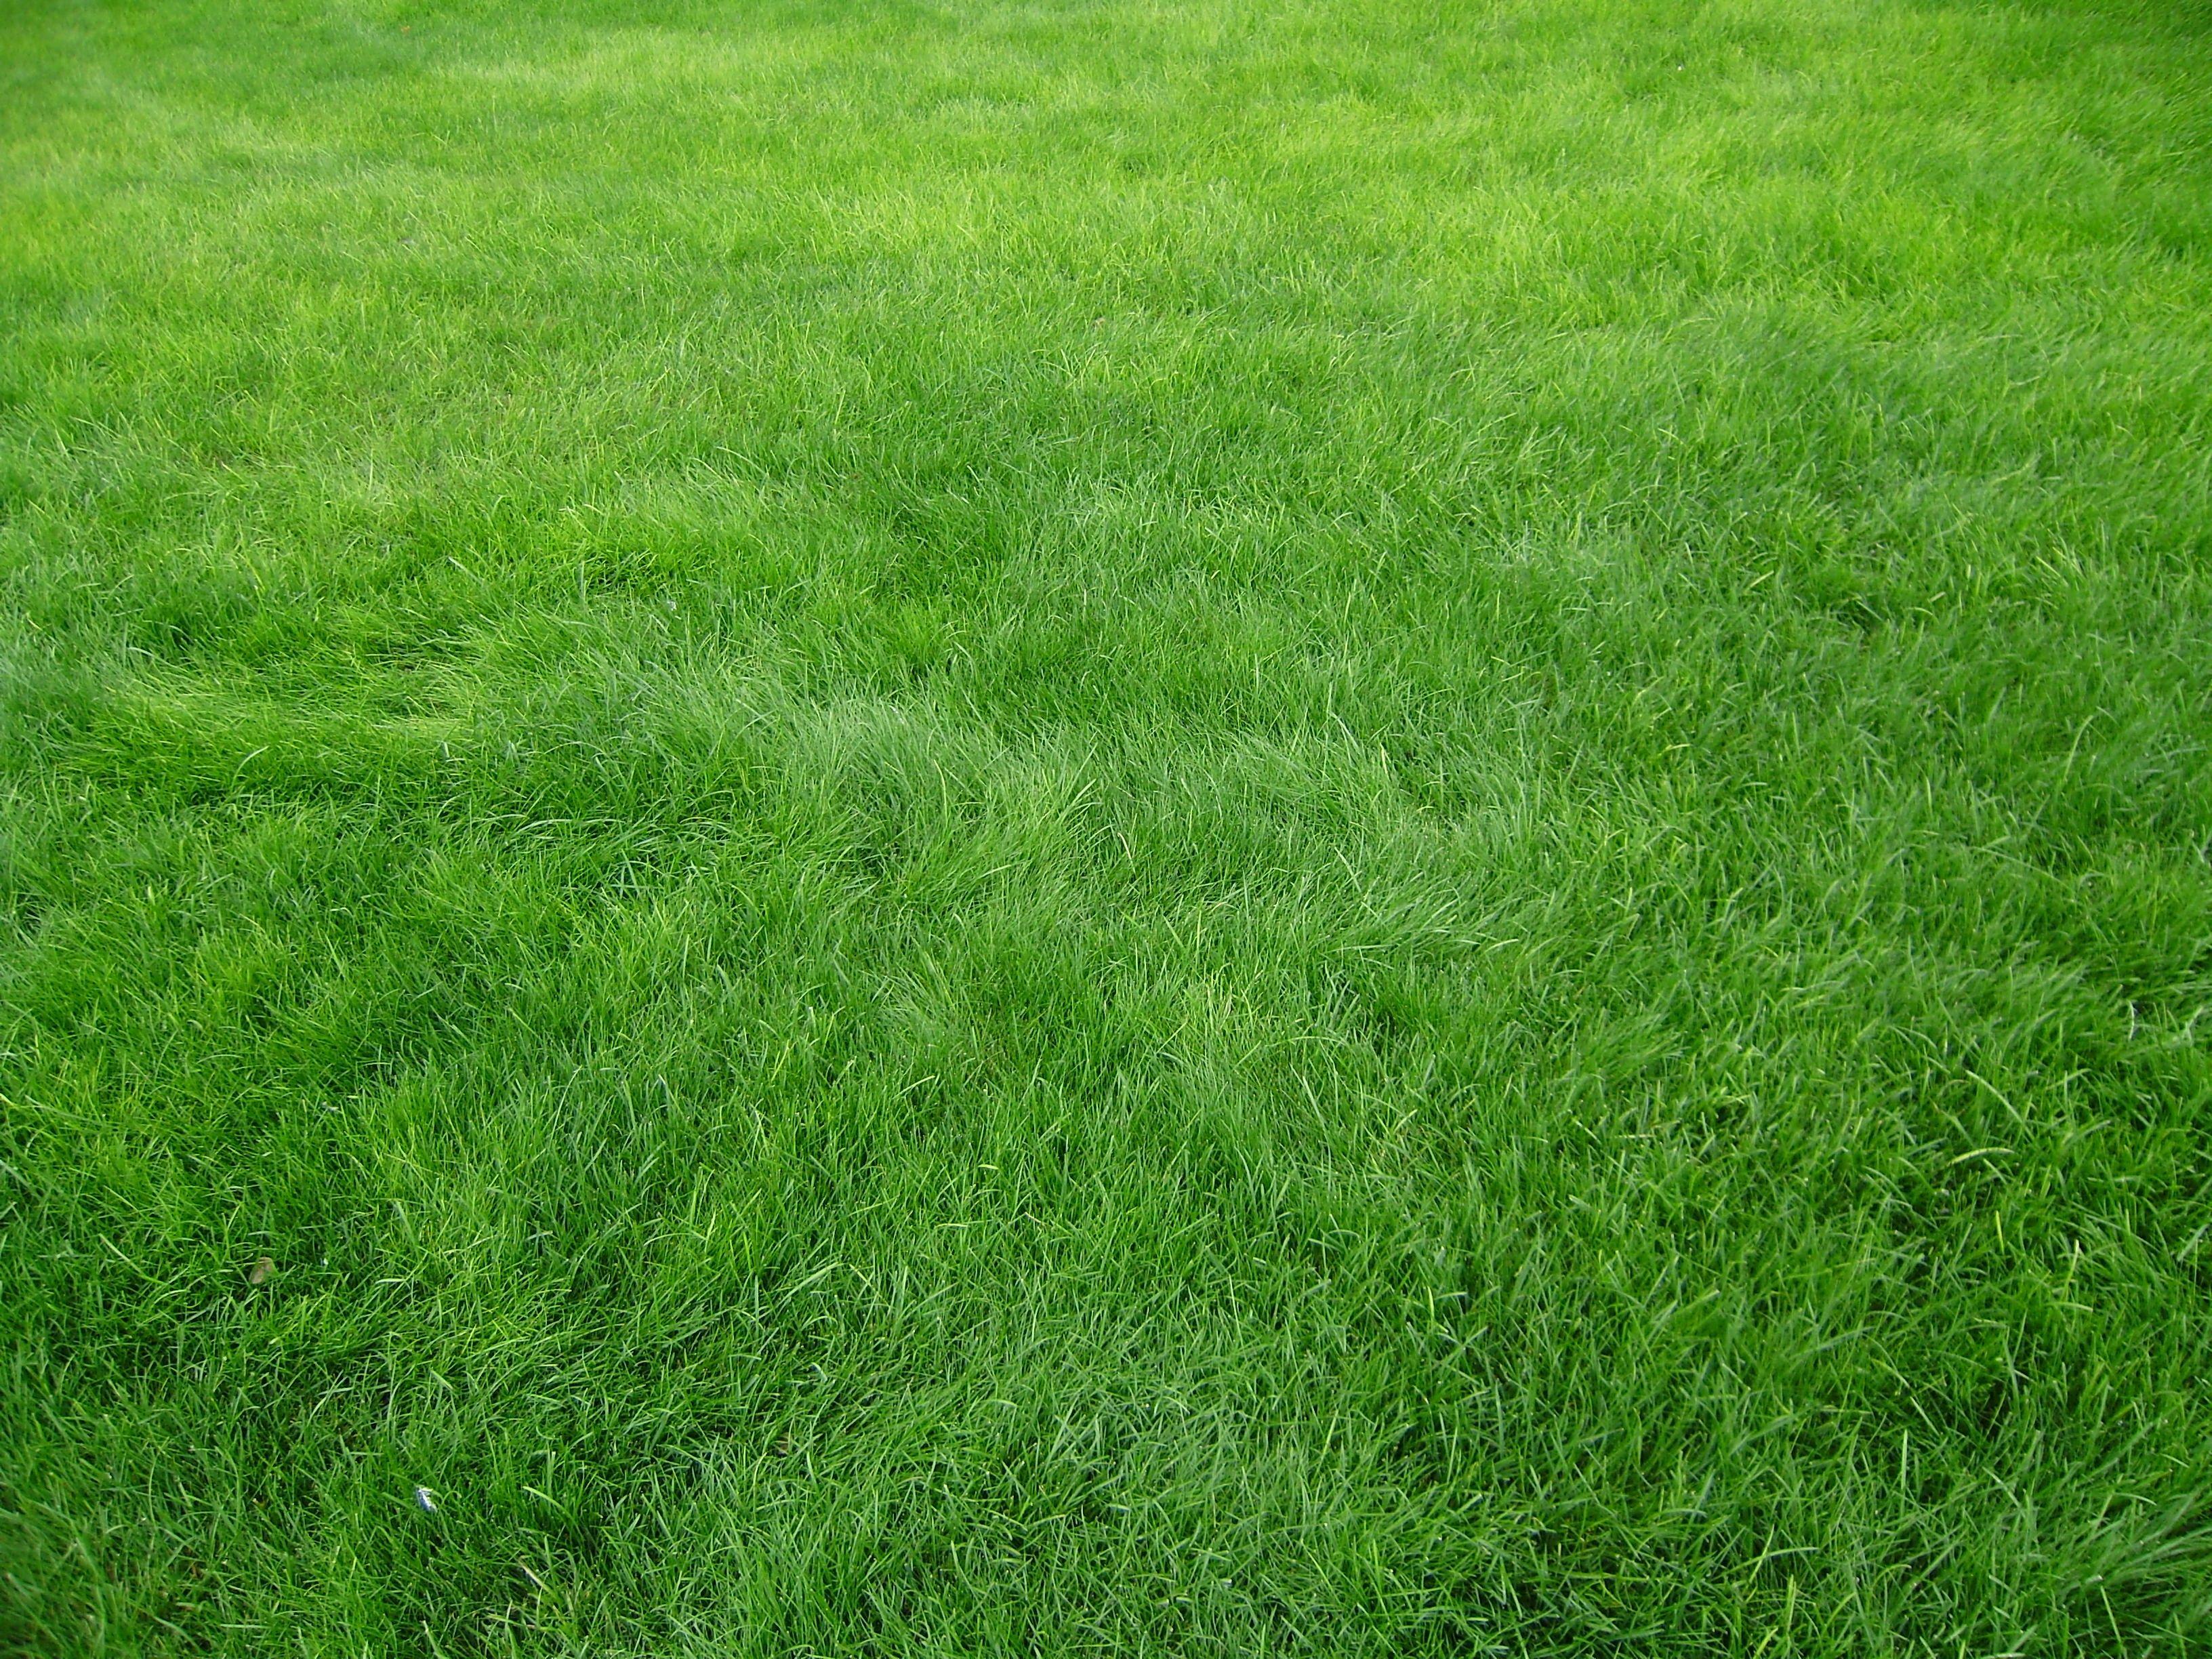 3264x2448 Wallpaper Grain Grass Field Green Clipart Grass Field